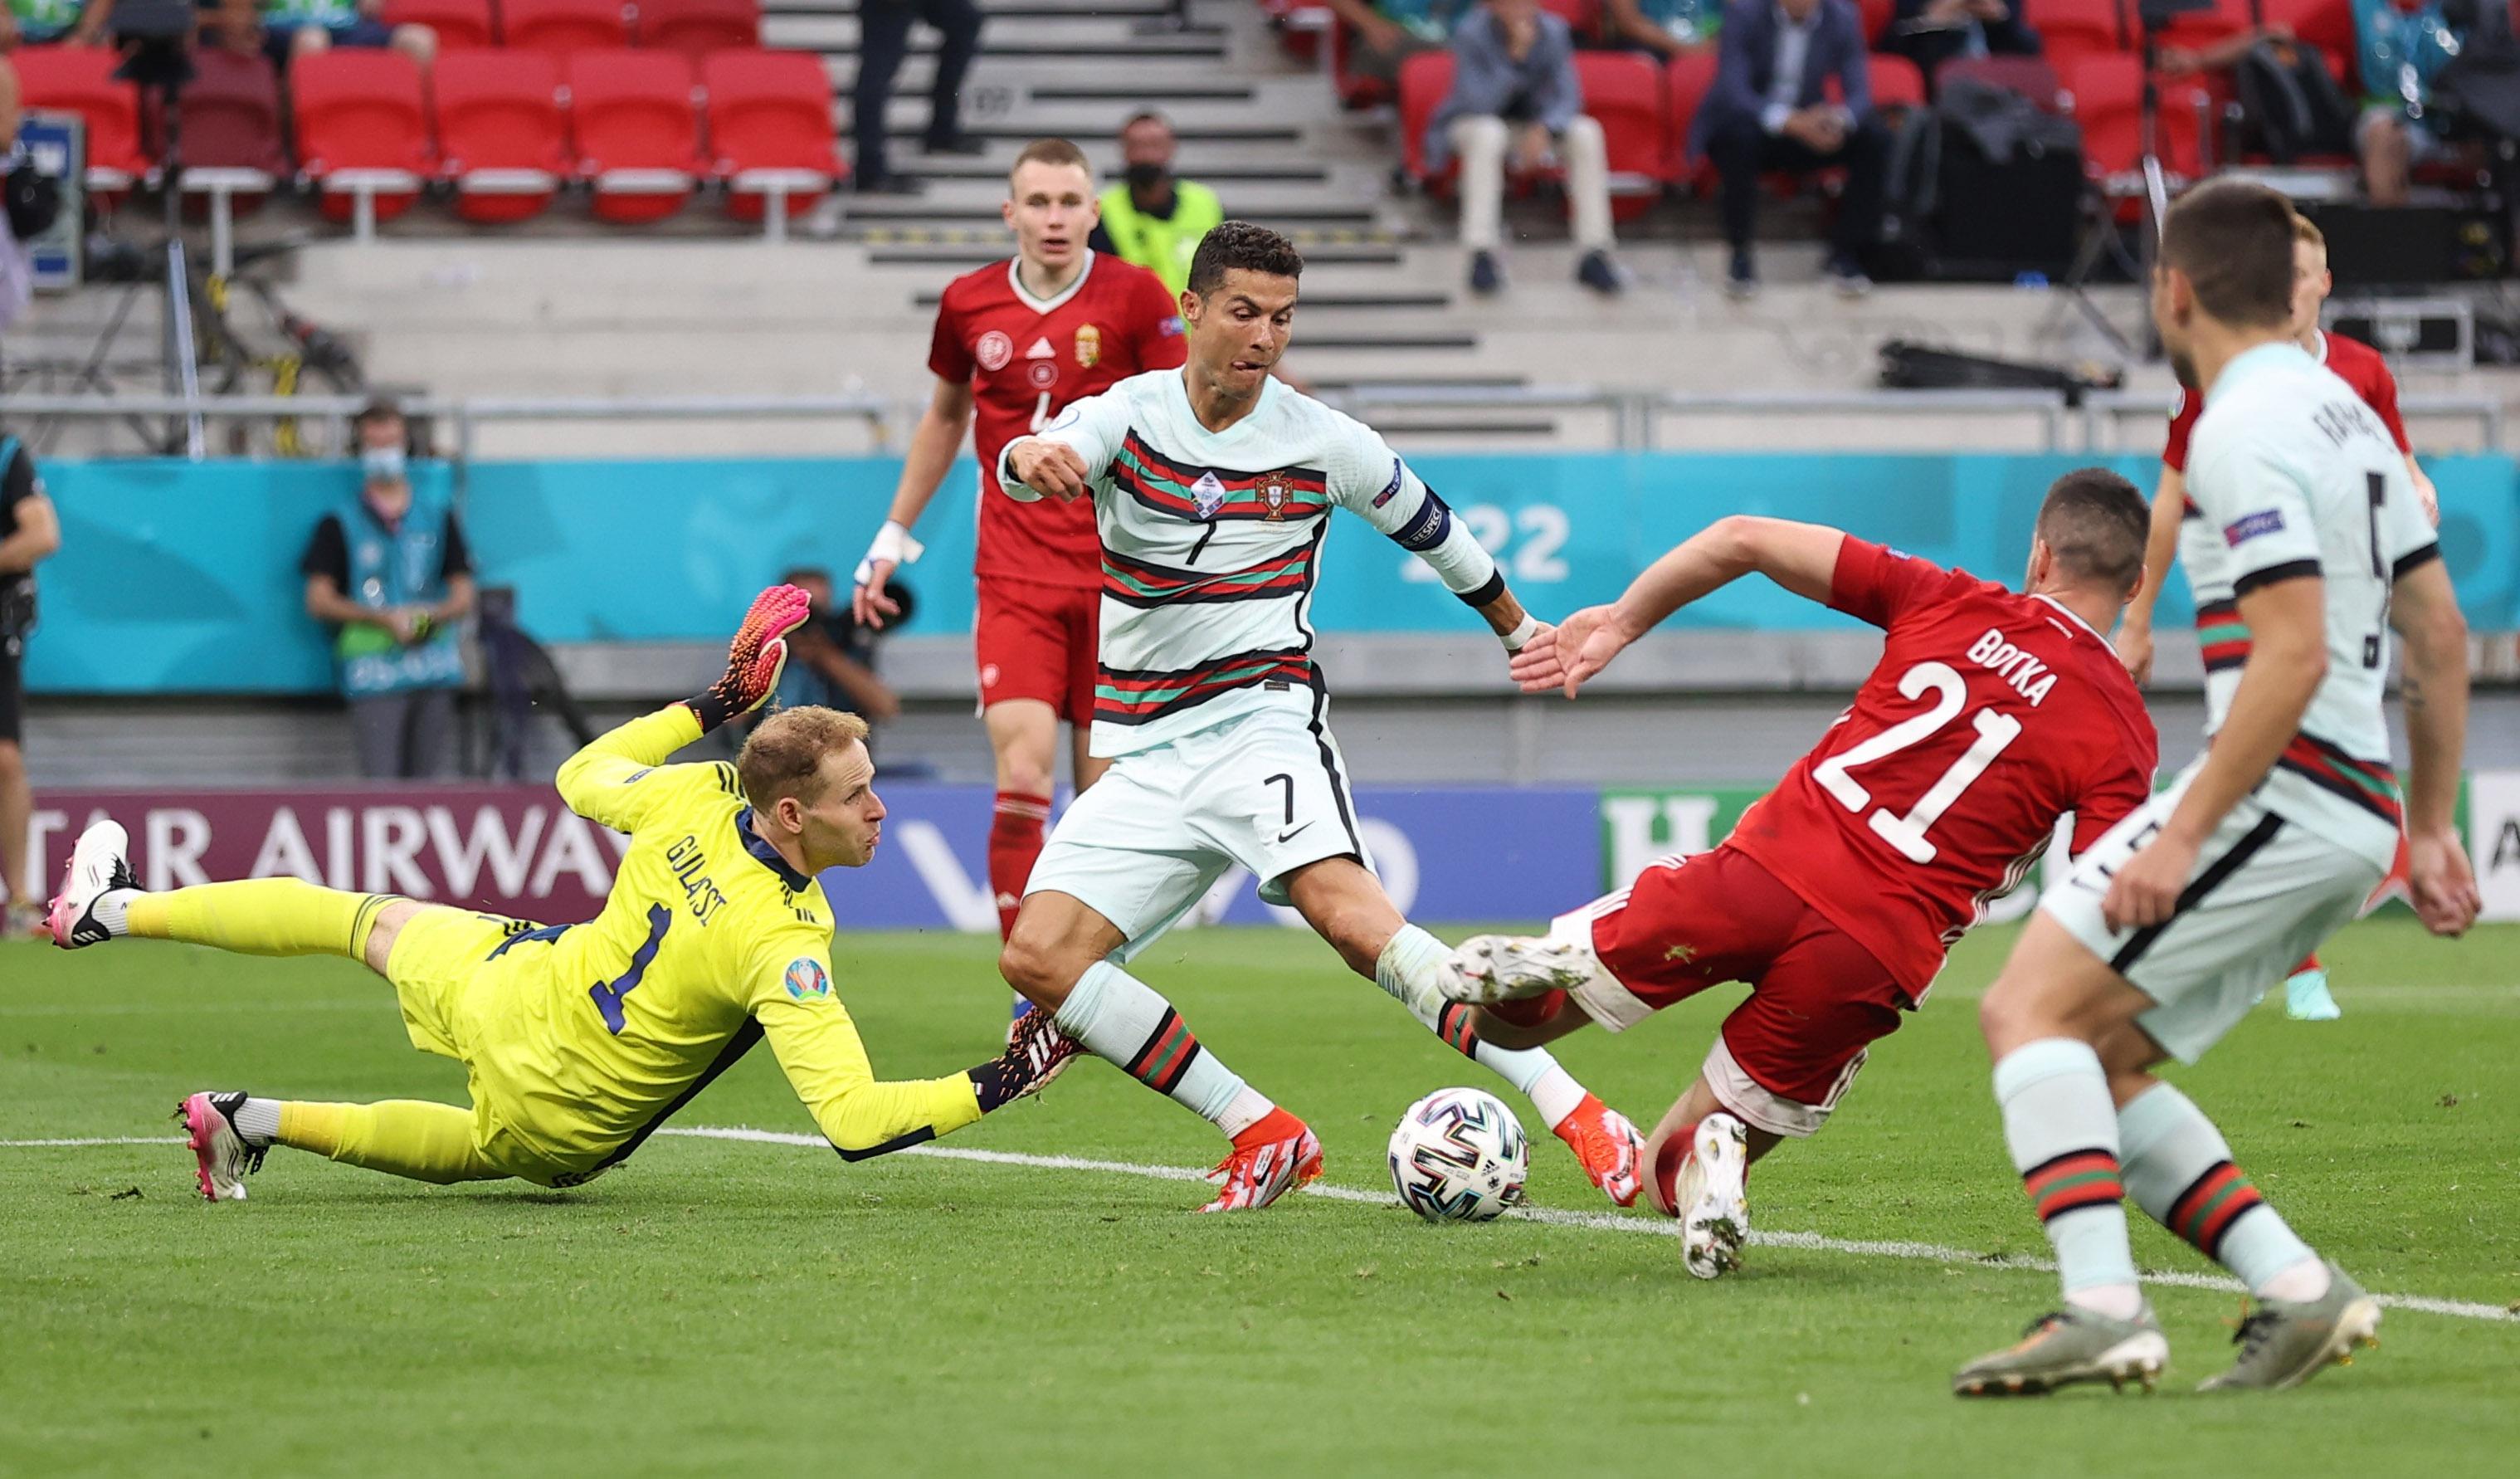 Soccer Football - Euro 2020 - Group F - Hungary v Portugal - Puskas Arena, Budapest, Hungary - June 15, 2021 Portugal's Cristiano Ronaldo scores their third goal Pool via REUTERS/Alex Pantling